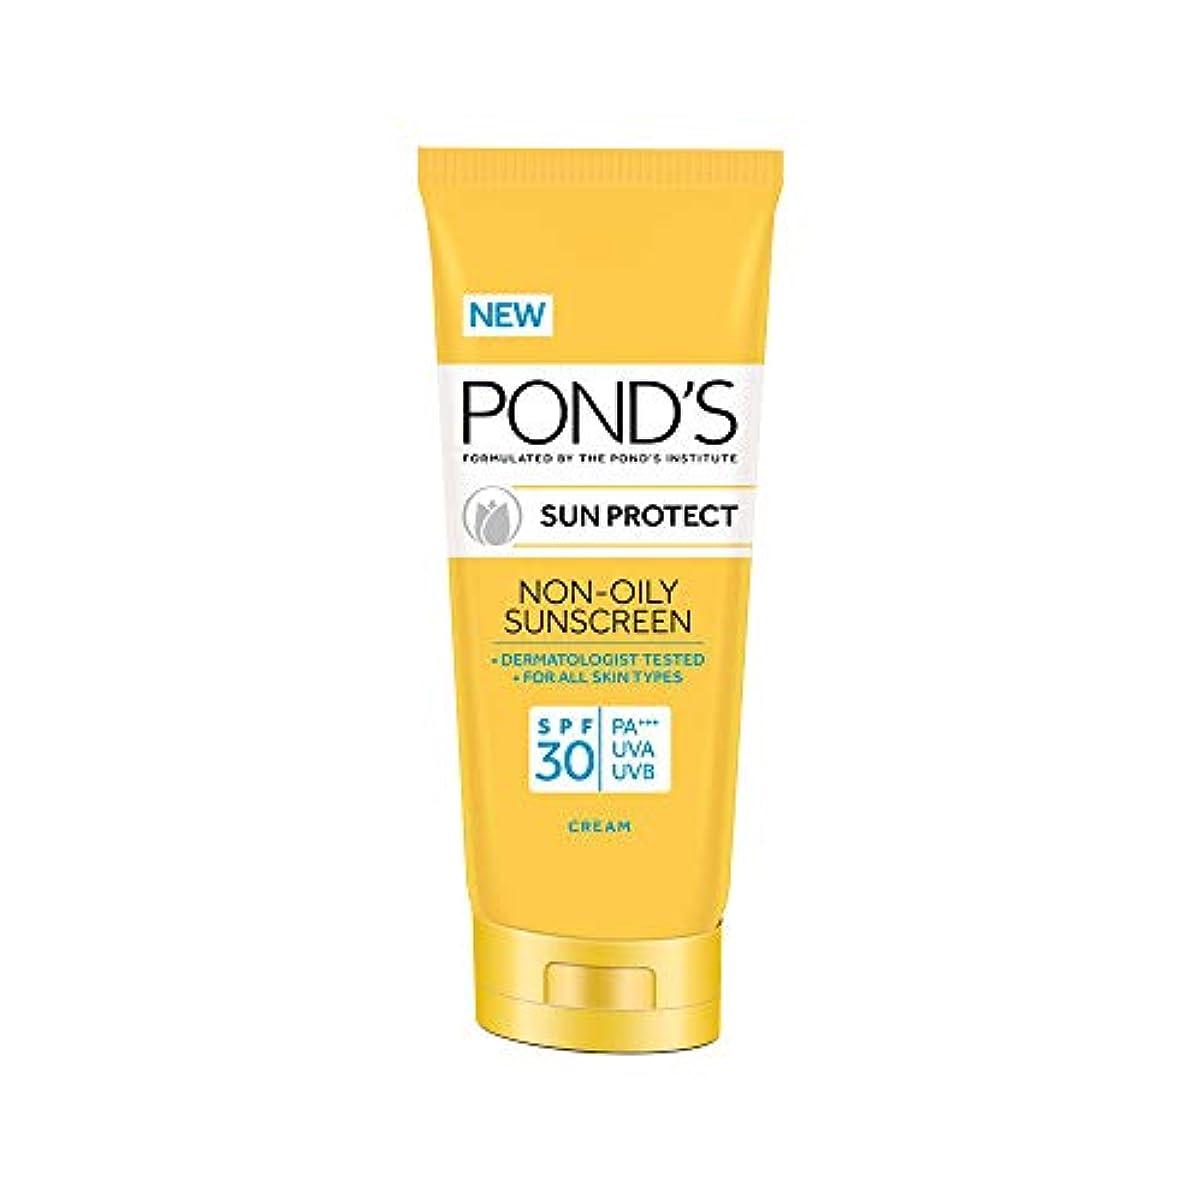 読者幸運なことに数POND'S Sun Protect Non-Oily Sunscreen SPF 30, 80 g